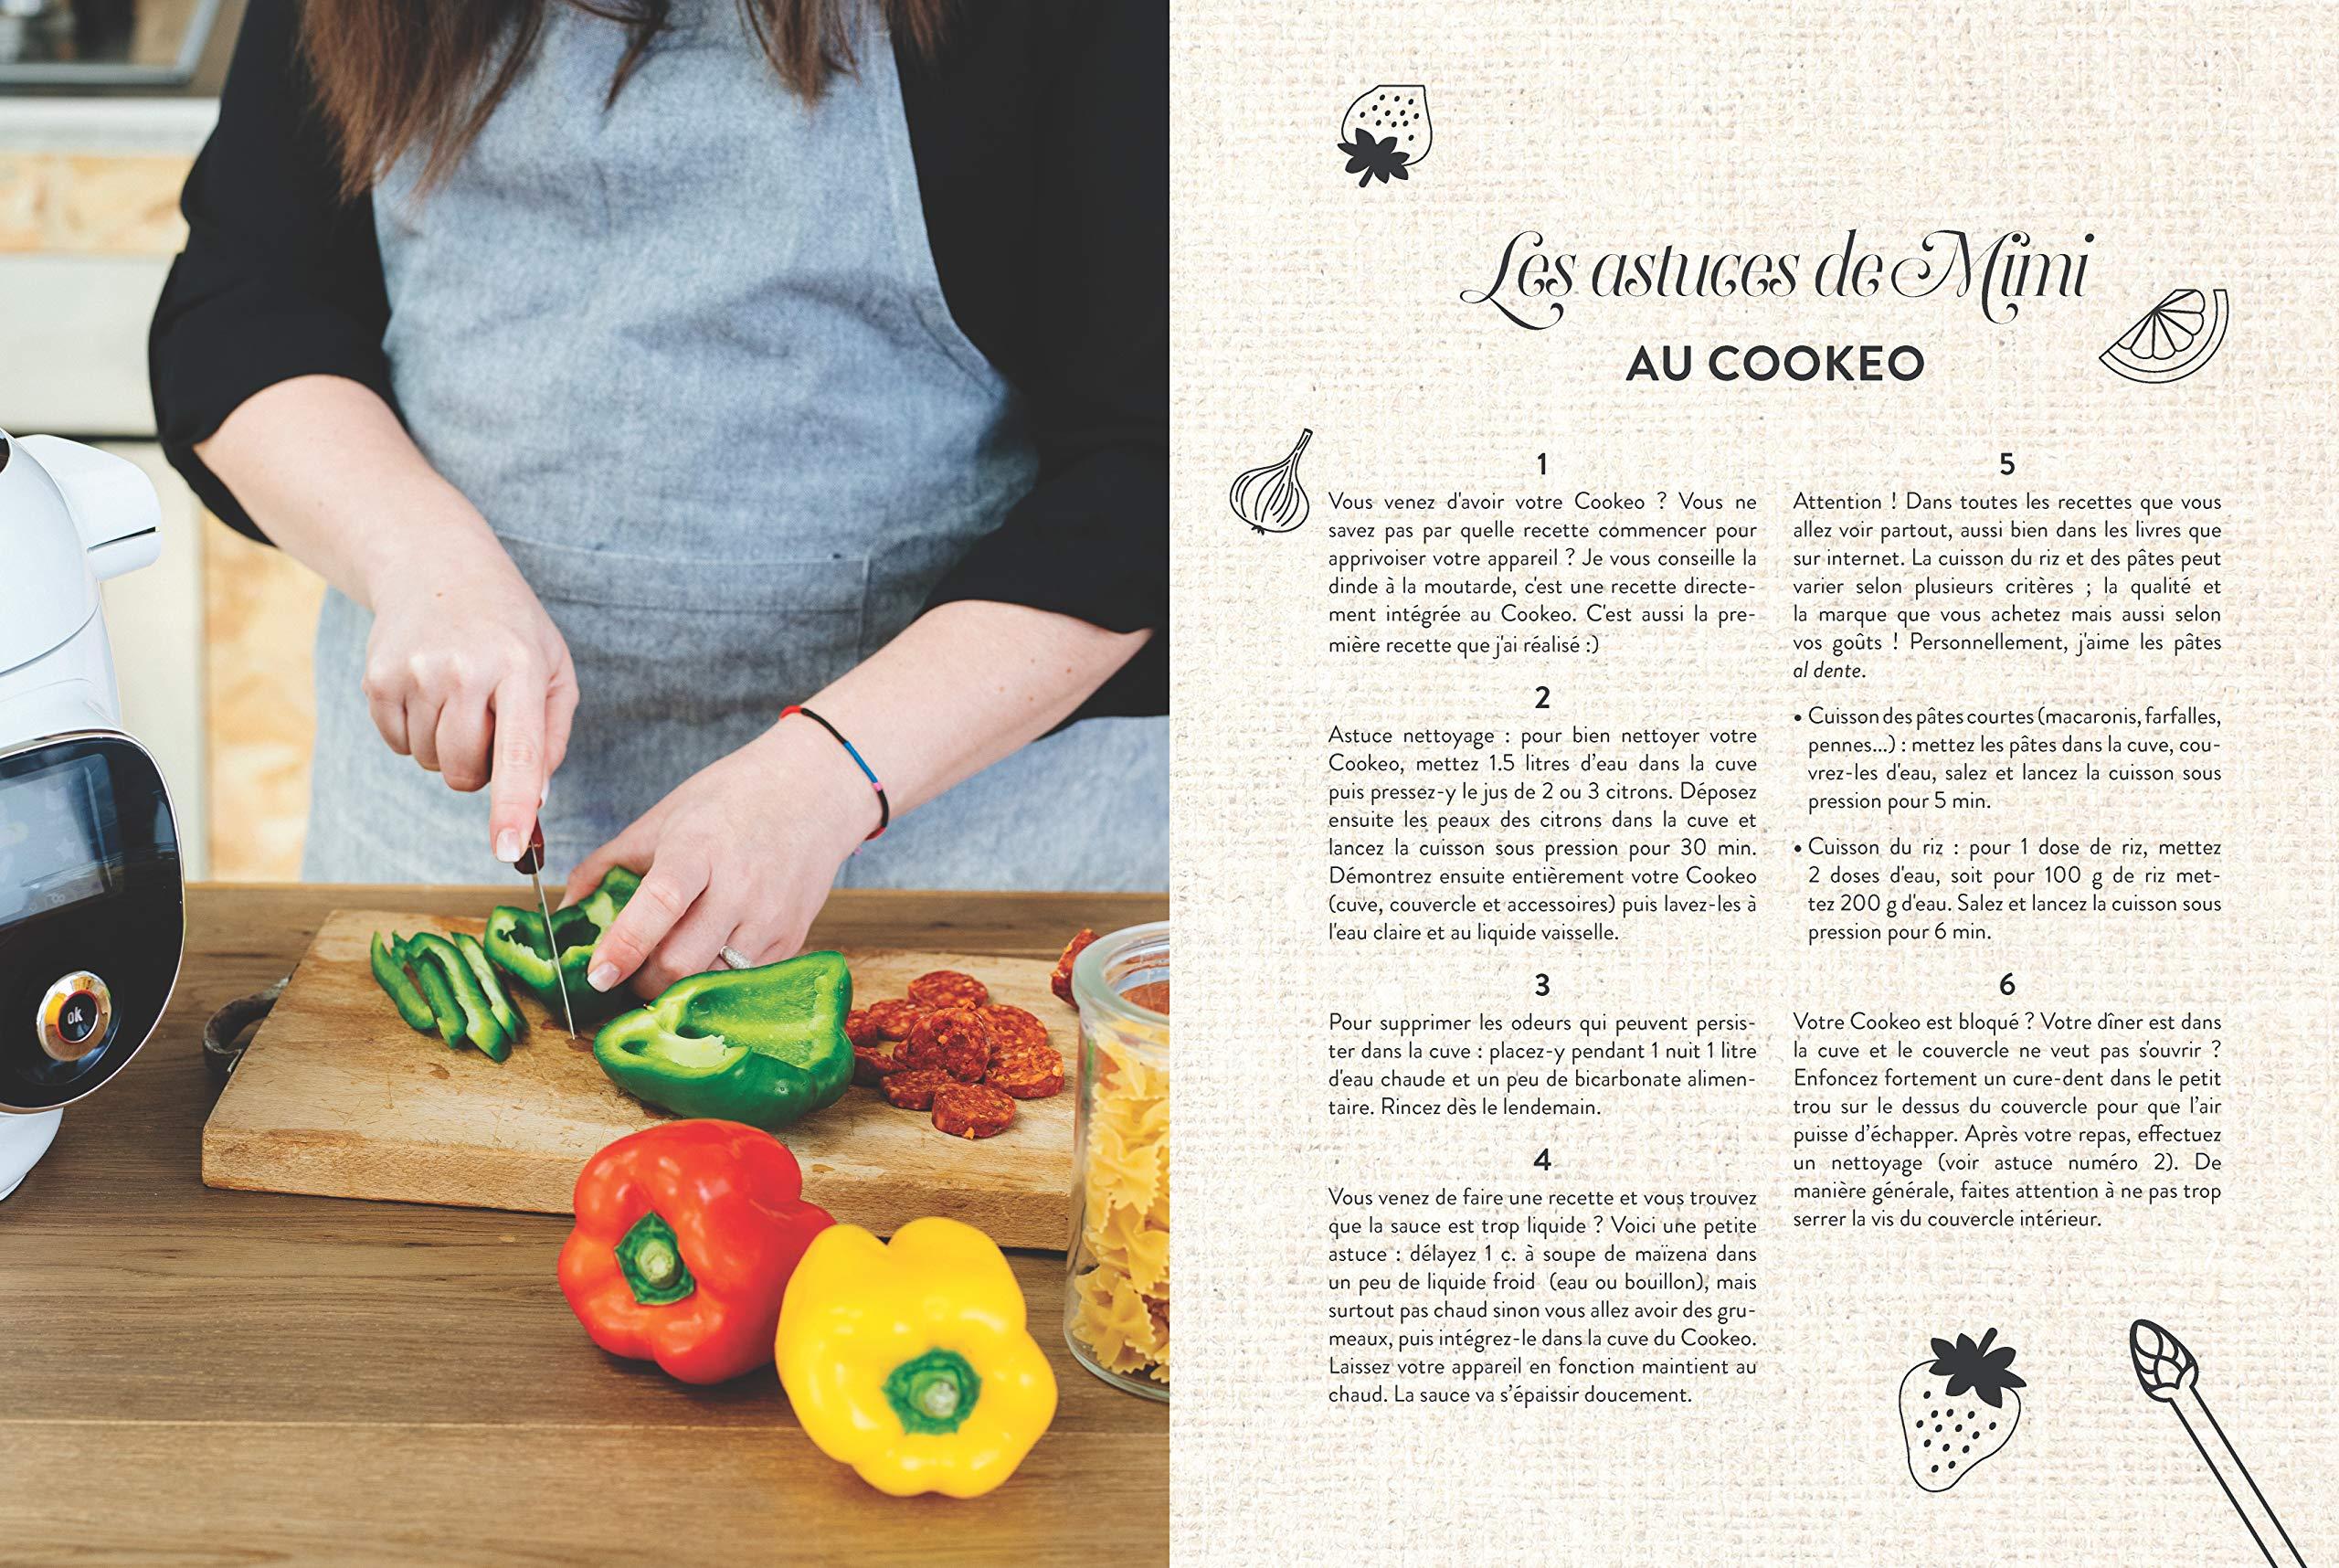 Le Nouveau Livre Cookeo Mes Recettes De Saison Au Cookeo